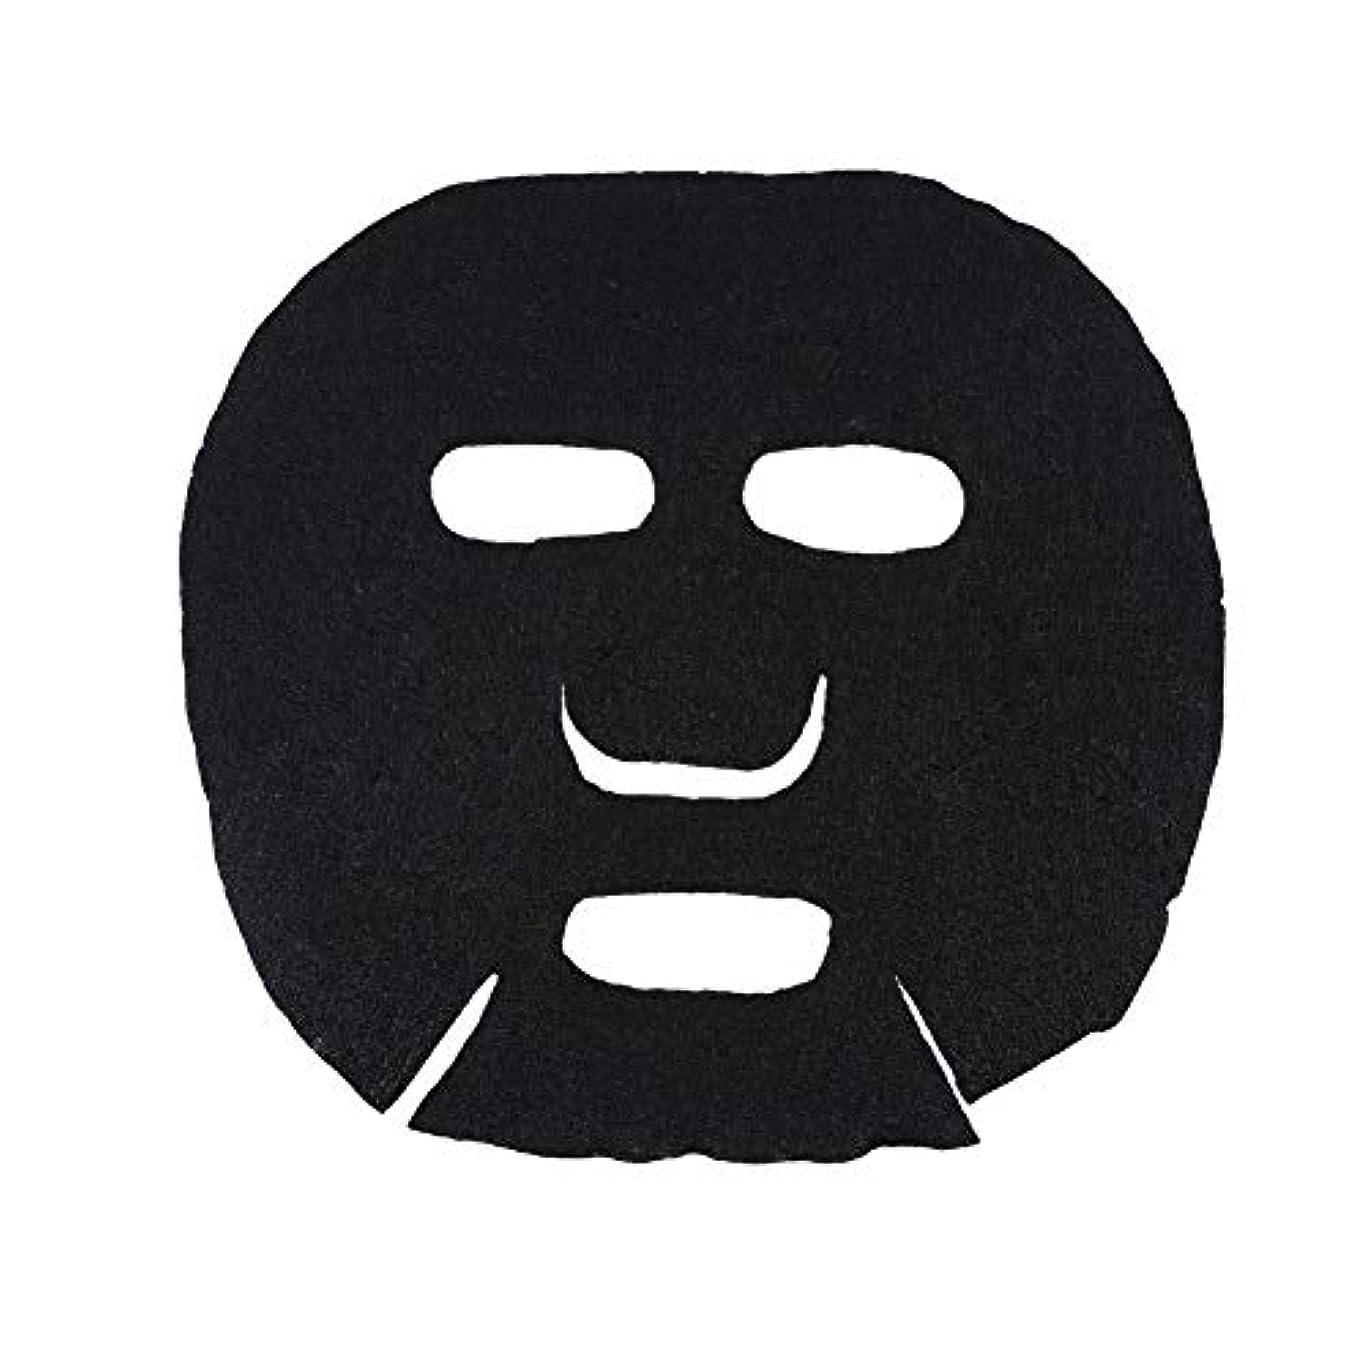 騒乱芸術たっぷり30Pcs / 40Pcsマスク紙、マスク紙綿、スキンフェイスケアDIYフェイシャルペーパーコンプレスマスクマスクナチュラルコットンスキンケアマスクDIYシートマスク(30pcs)